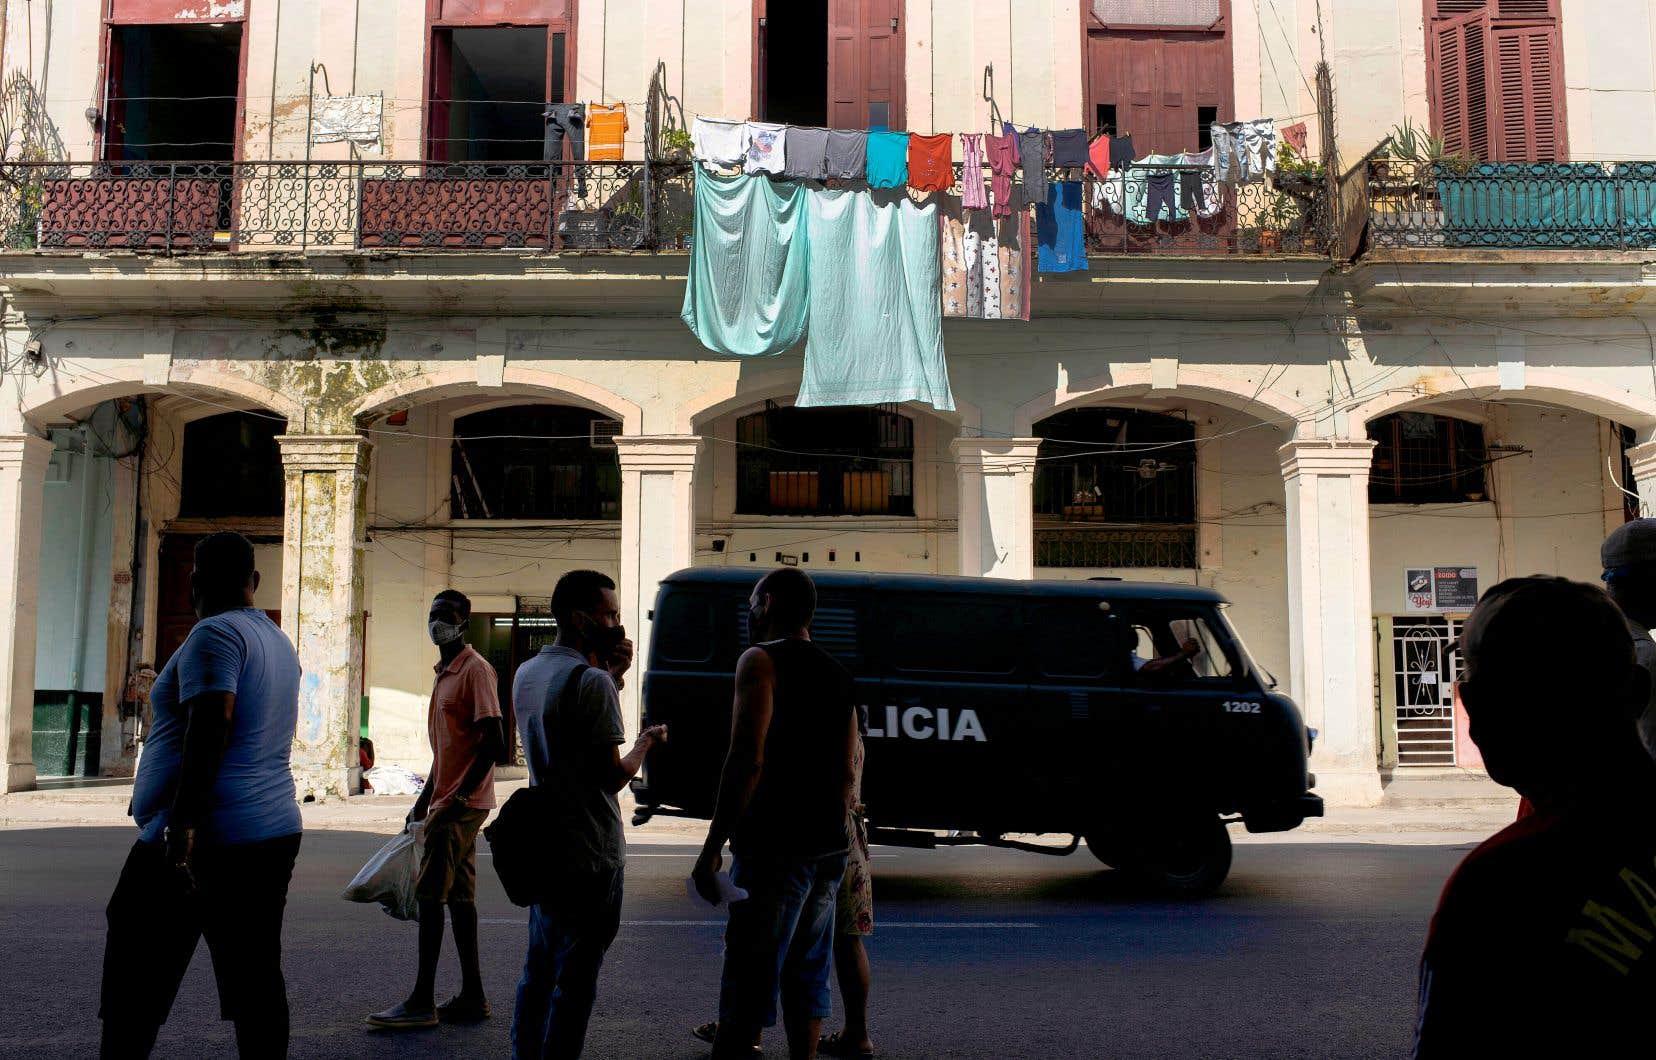 Un véhicule de police patrouille dans la Vieille Havane, à Cuba, lundi, au lendemain des manifestations contre les pénuries alimentaires et les prix élevés au milieu de la crise du coronavirus.